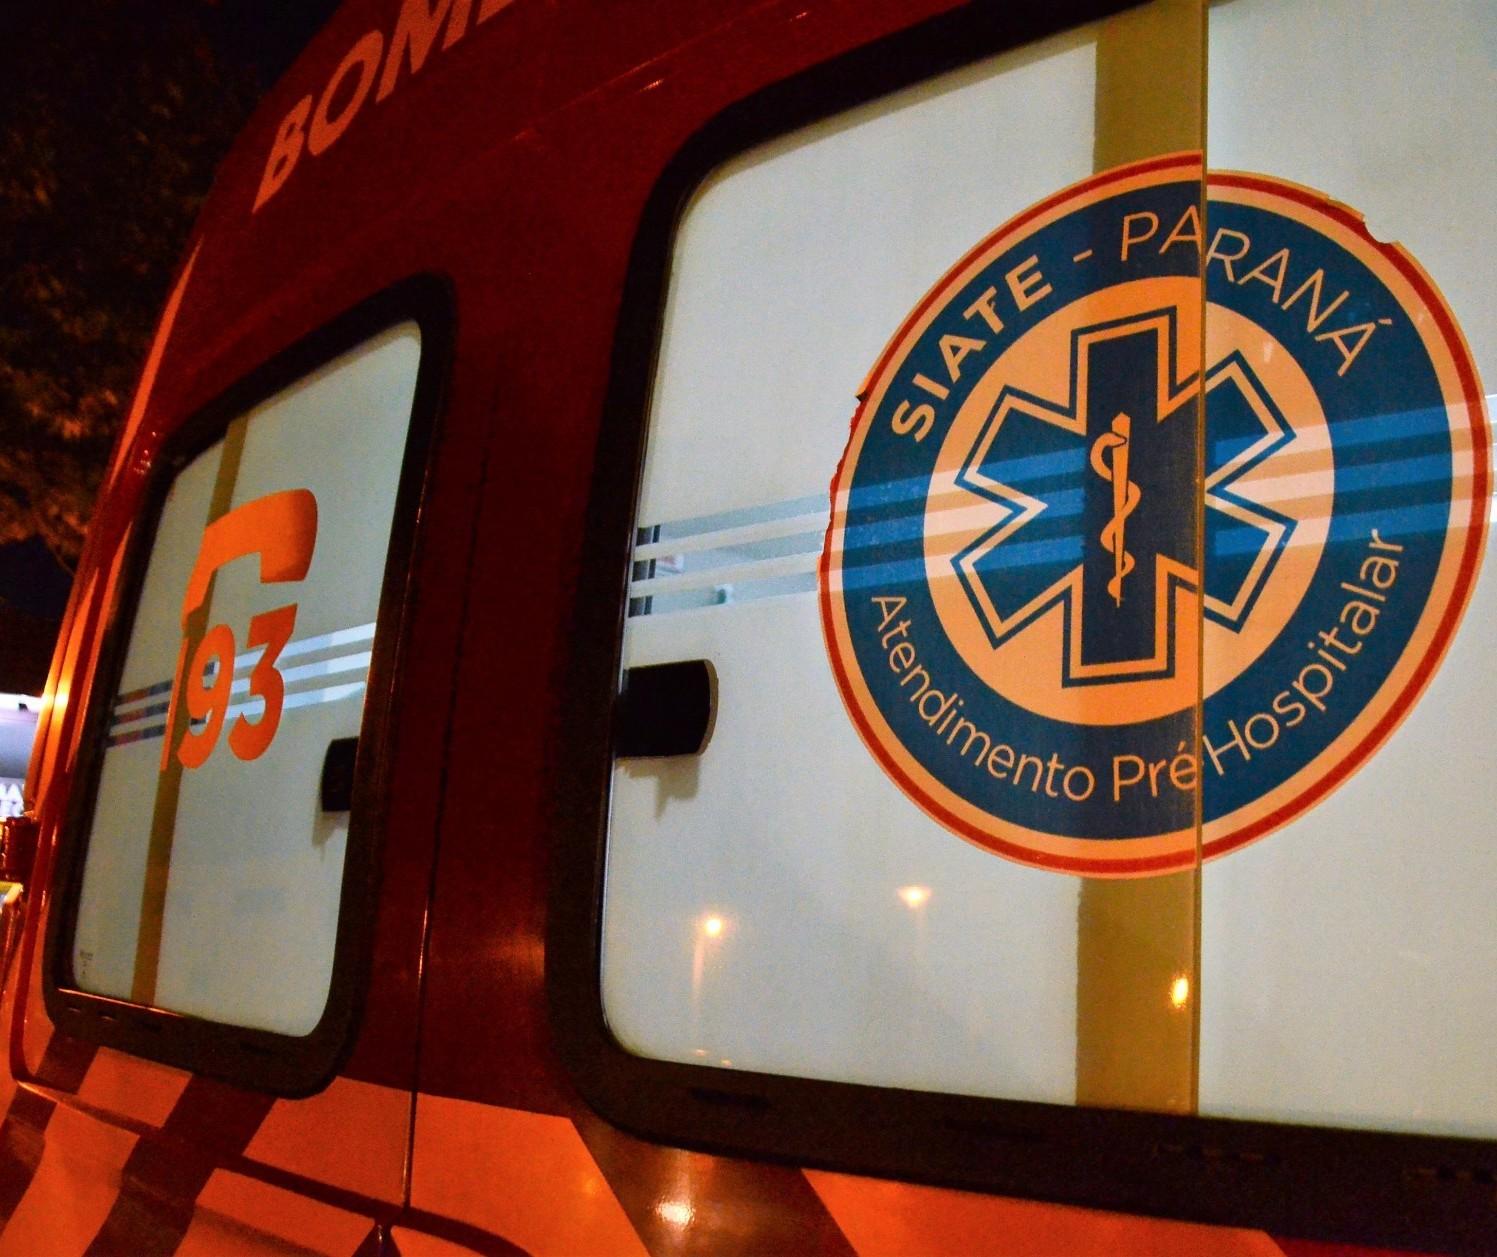 Abordado em surto, jovem tem overdose e morre dentro de ambulância